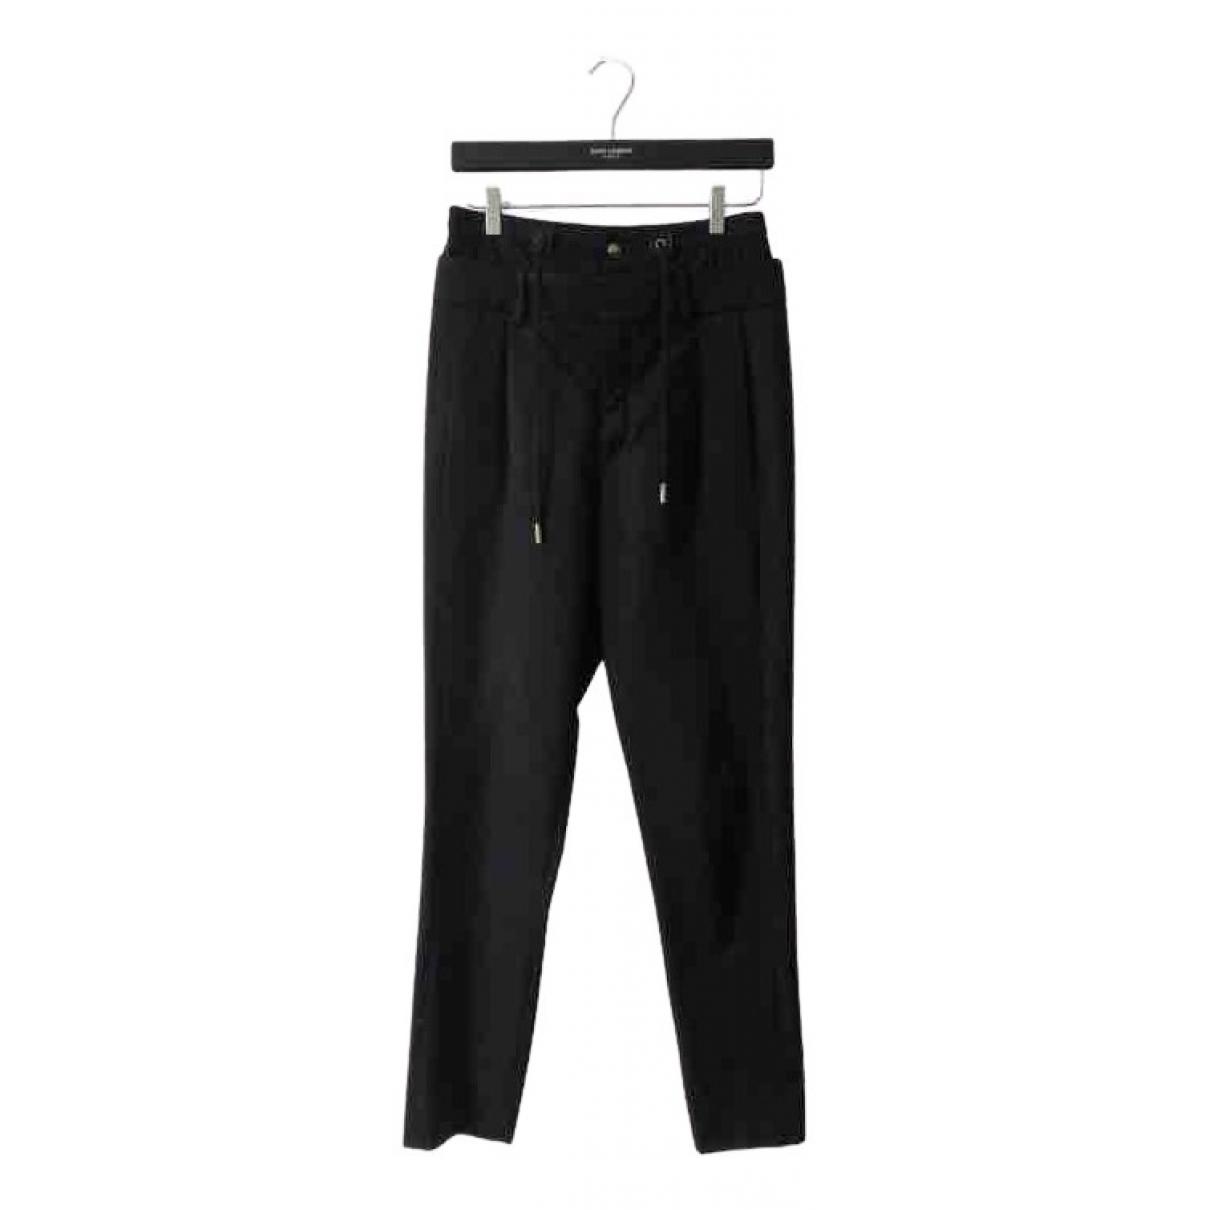 Saint Laurent N Black Cotton Trousers for Women 38 FR